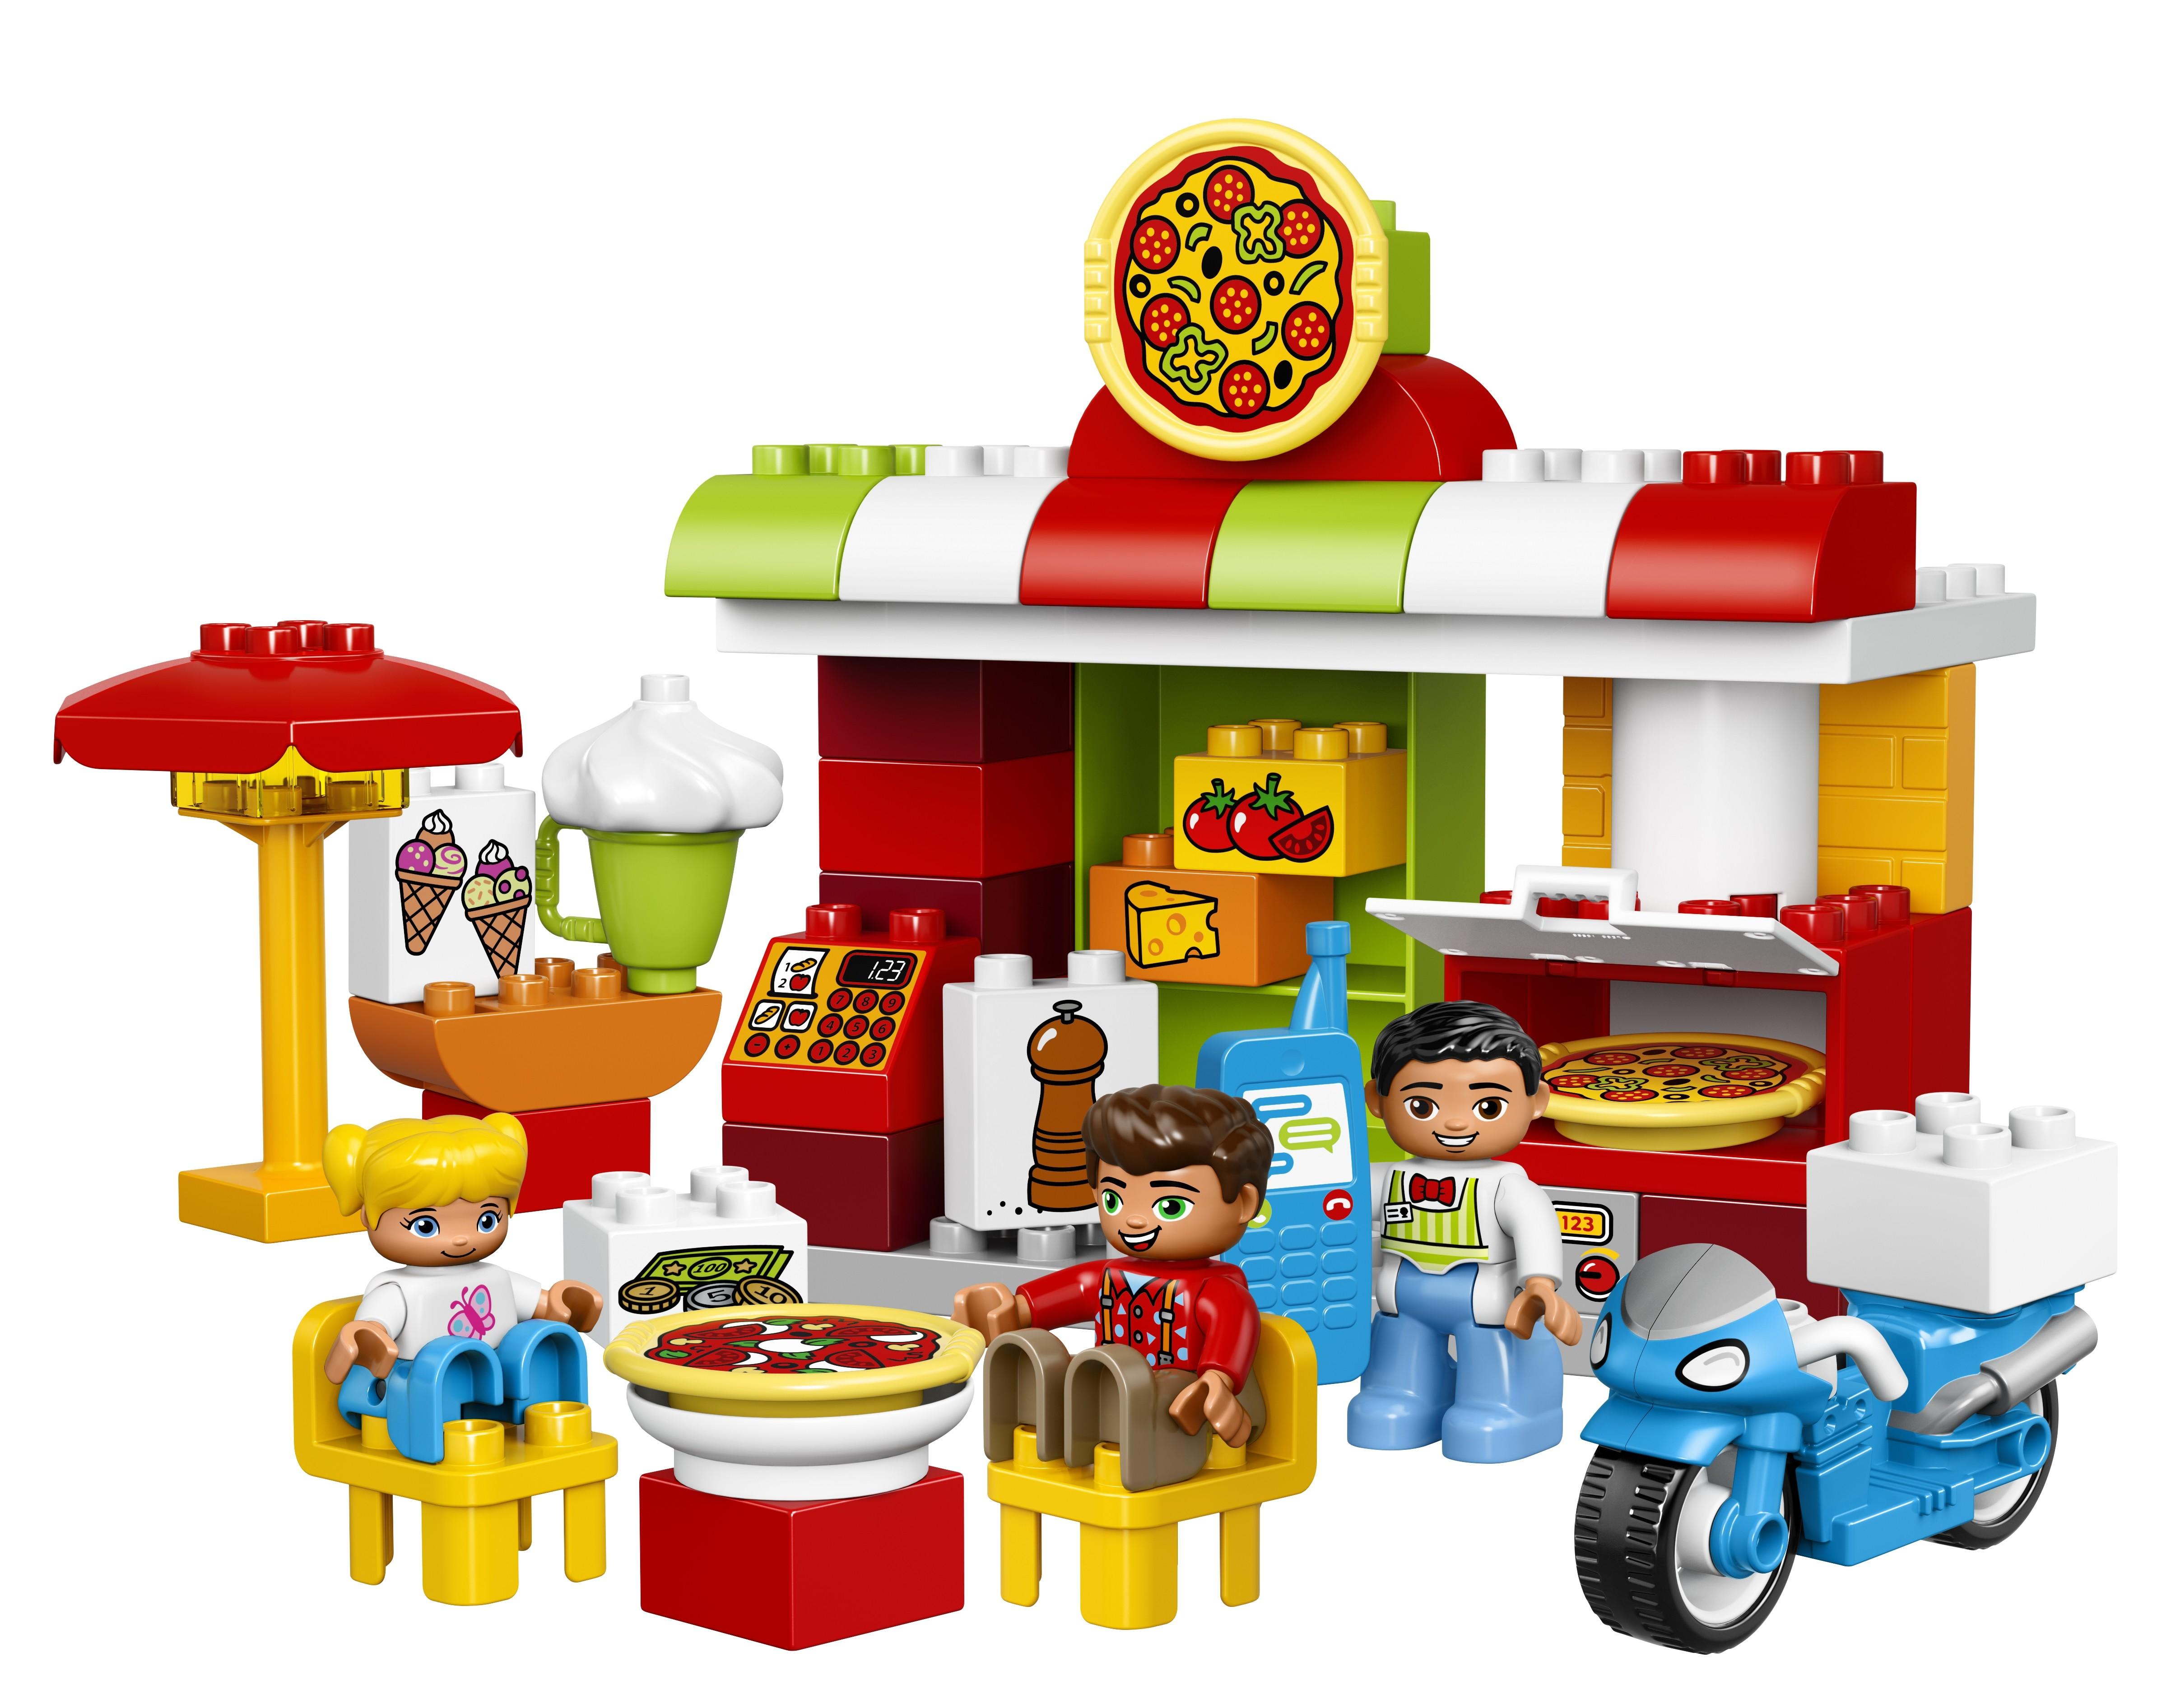 LEGO DUPLO LEGO Duplo Town 10834 Пиццерия